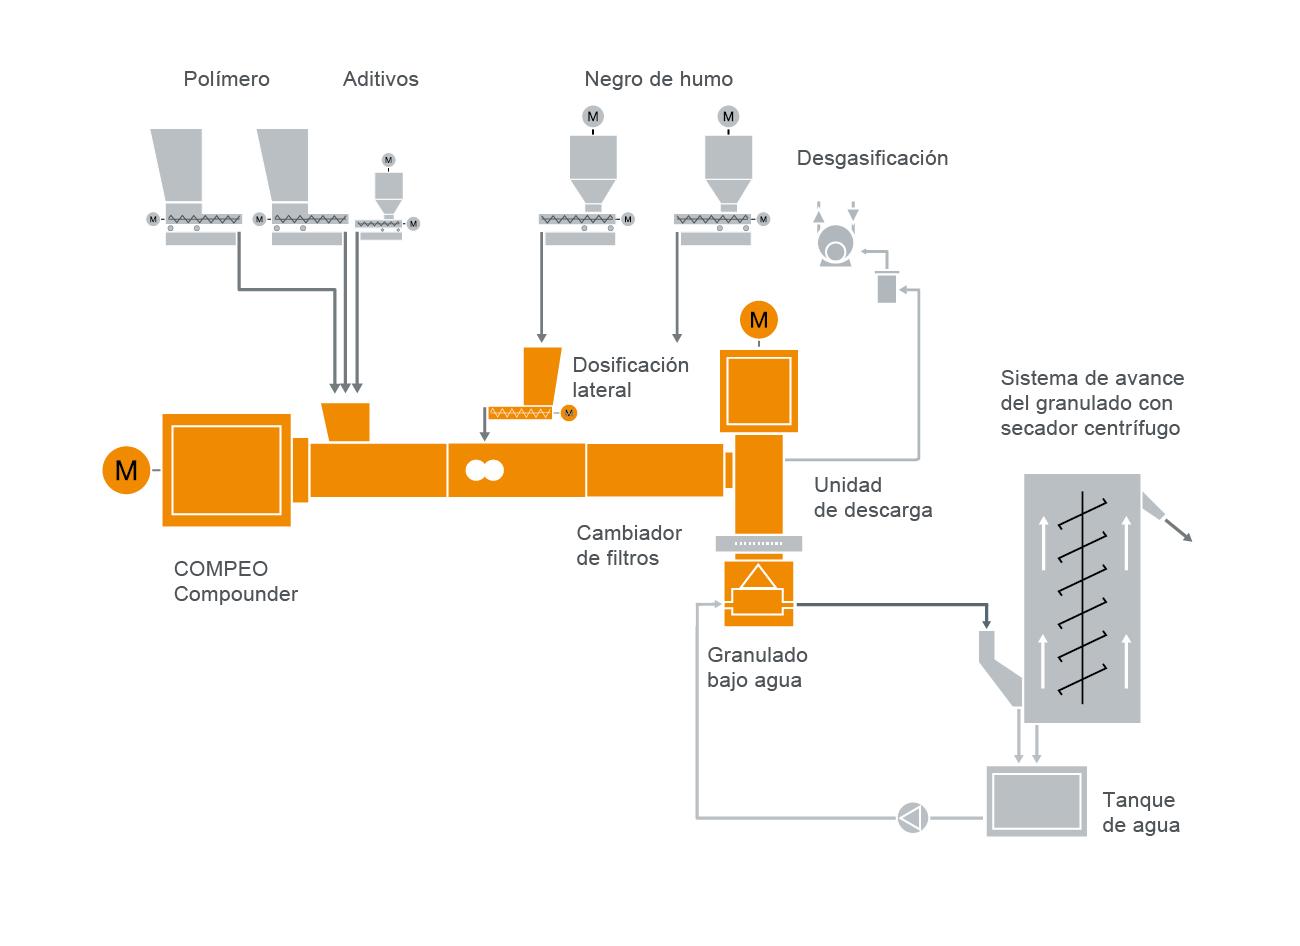 Configuración típica de una instalación para la fabricación de compuestos semiconductores para cables